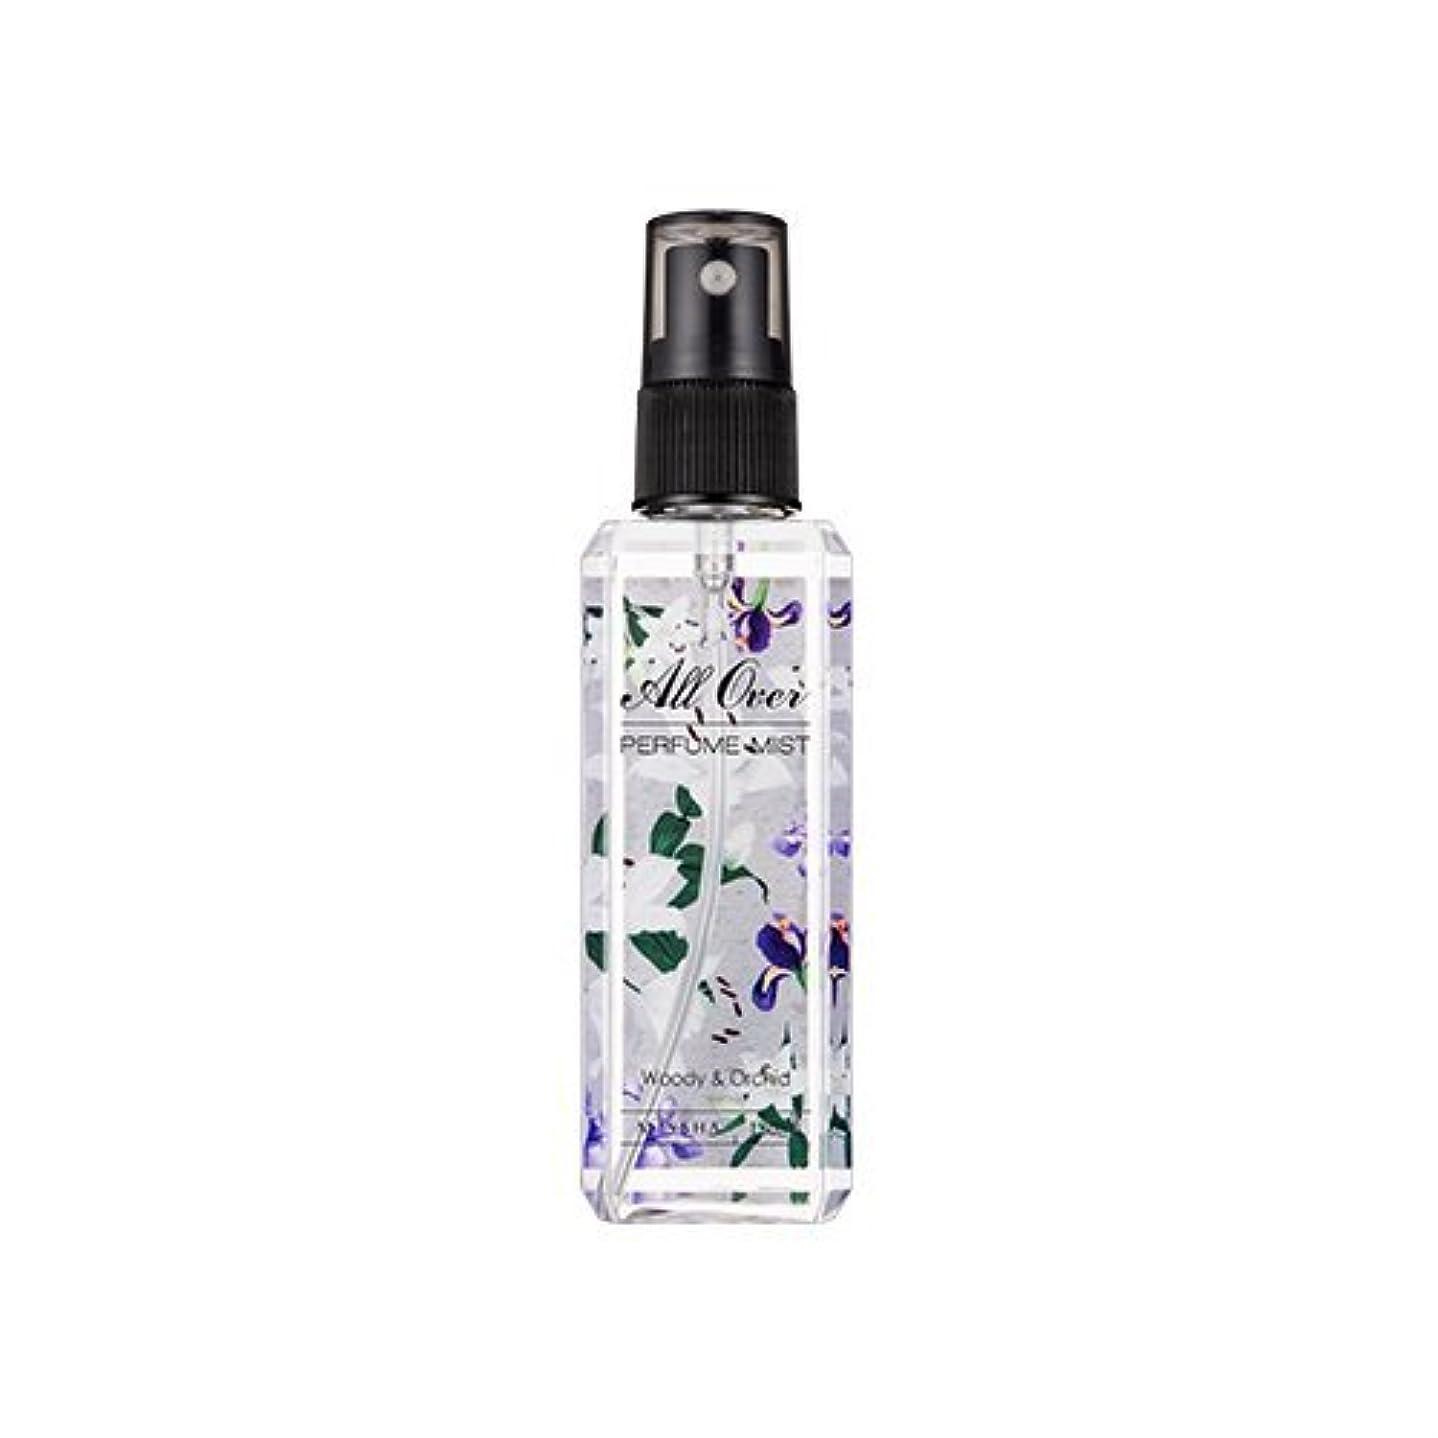 注入するサロン操縦するMISSHA All Over Perfumed Mist (Woody & Orchid) / ミシャ オールオーバーパフュームミスト (Woody & Orchid) [並行輸入品]